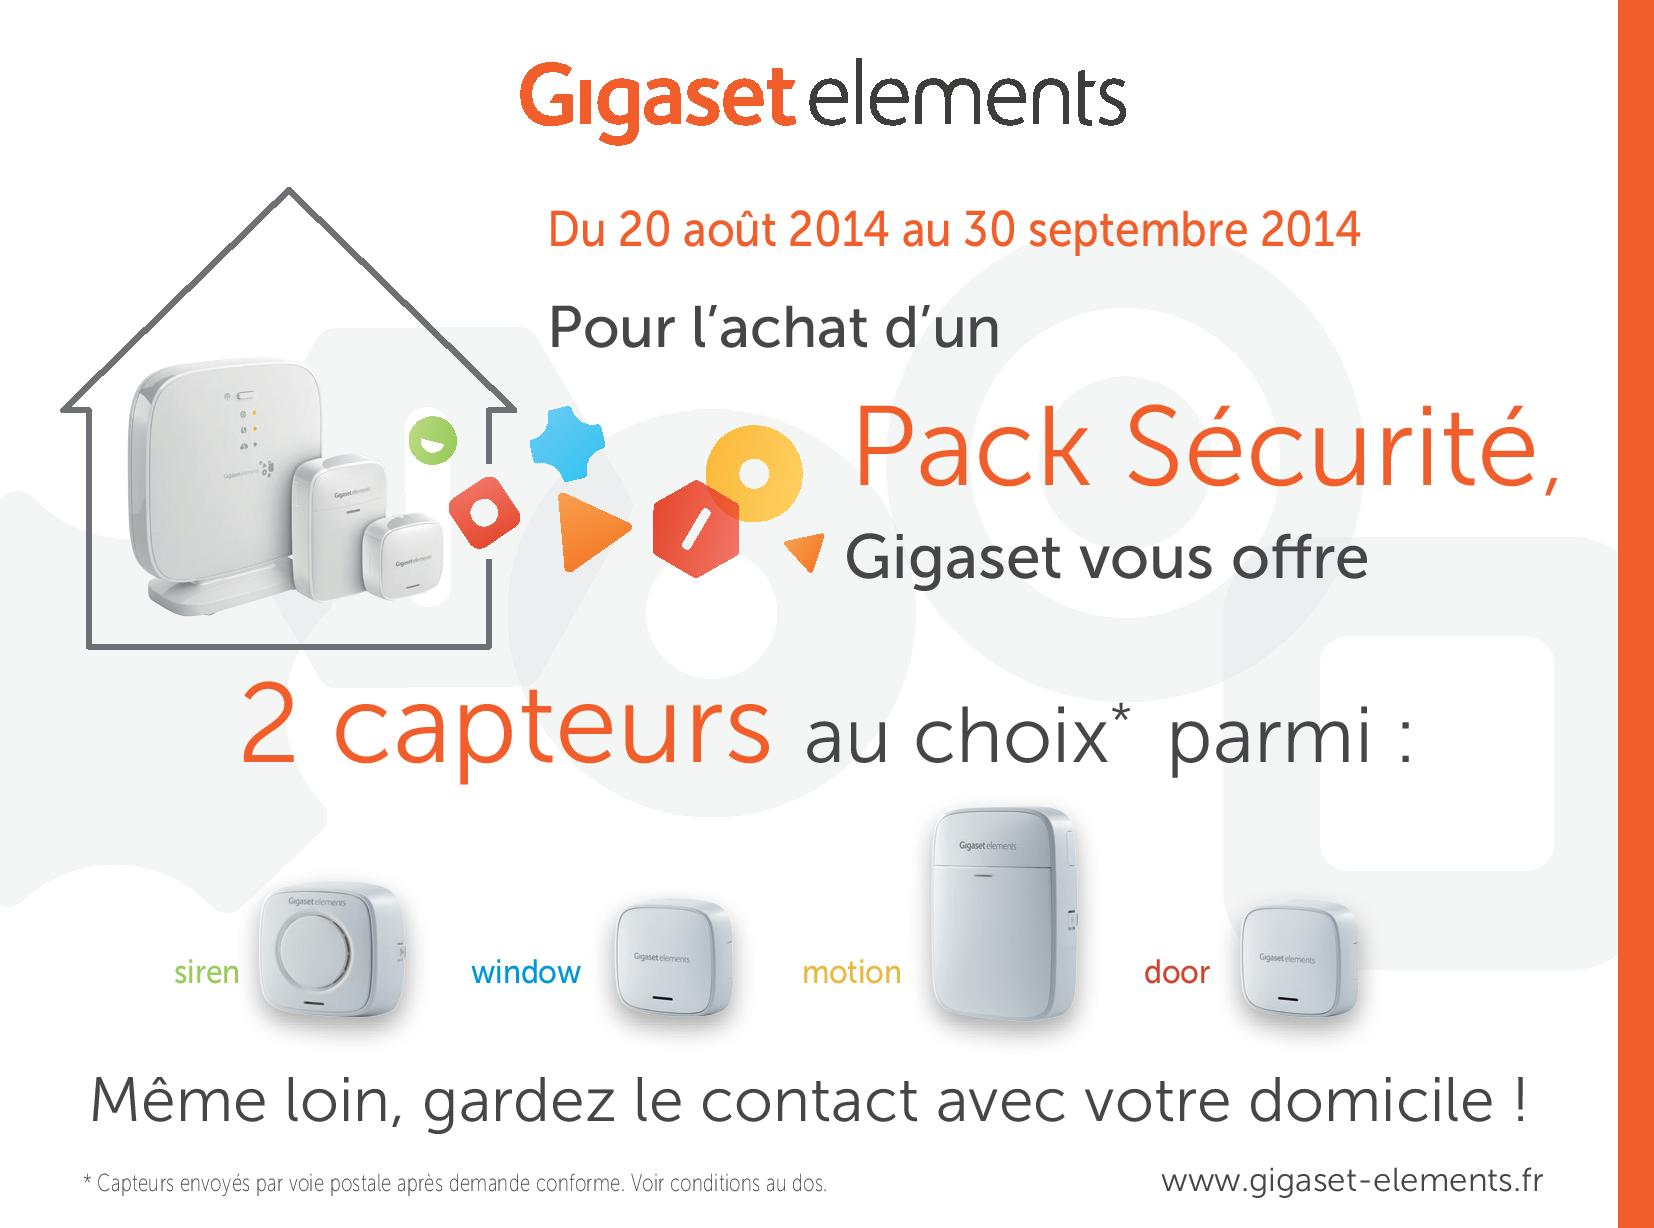 bon plan gigaset pack securite achete 2 capteurs offerts